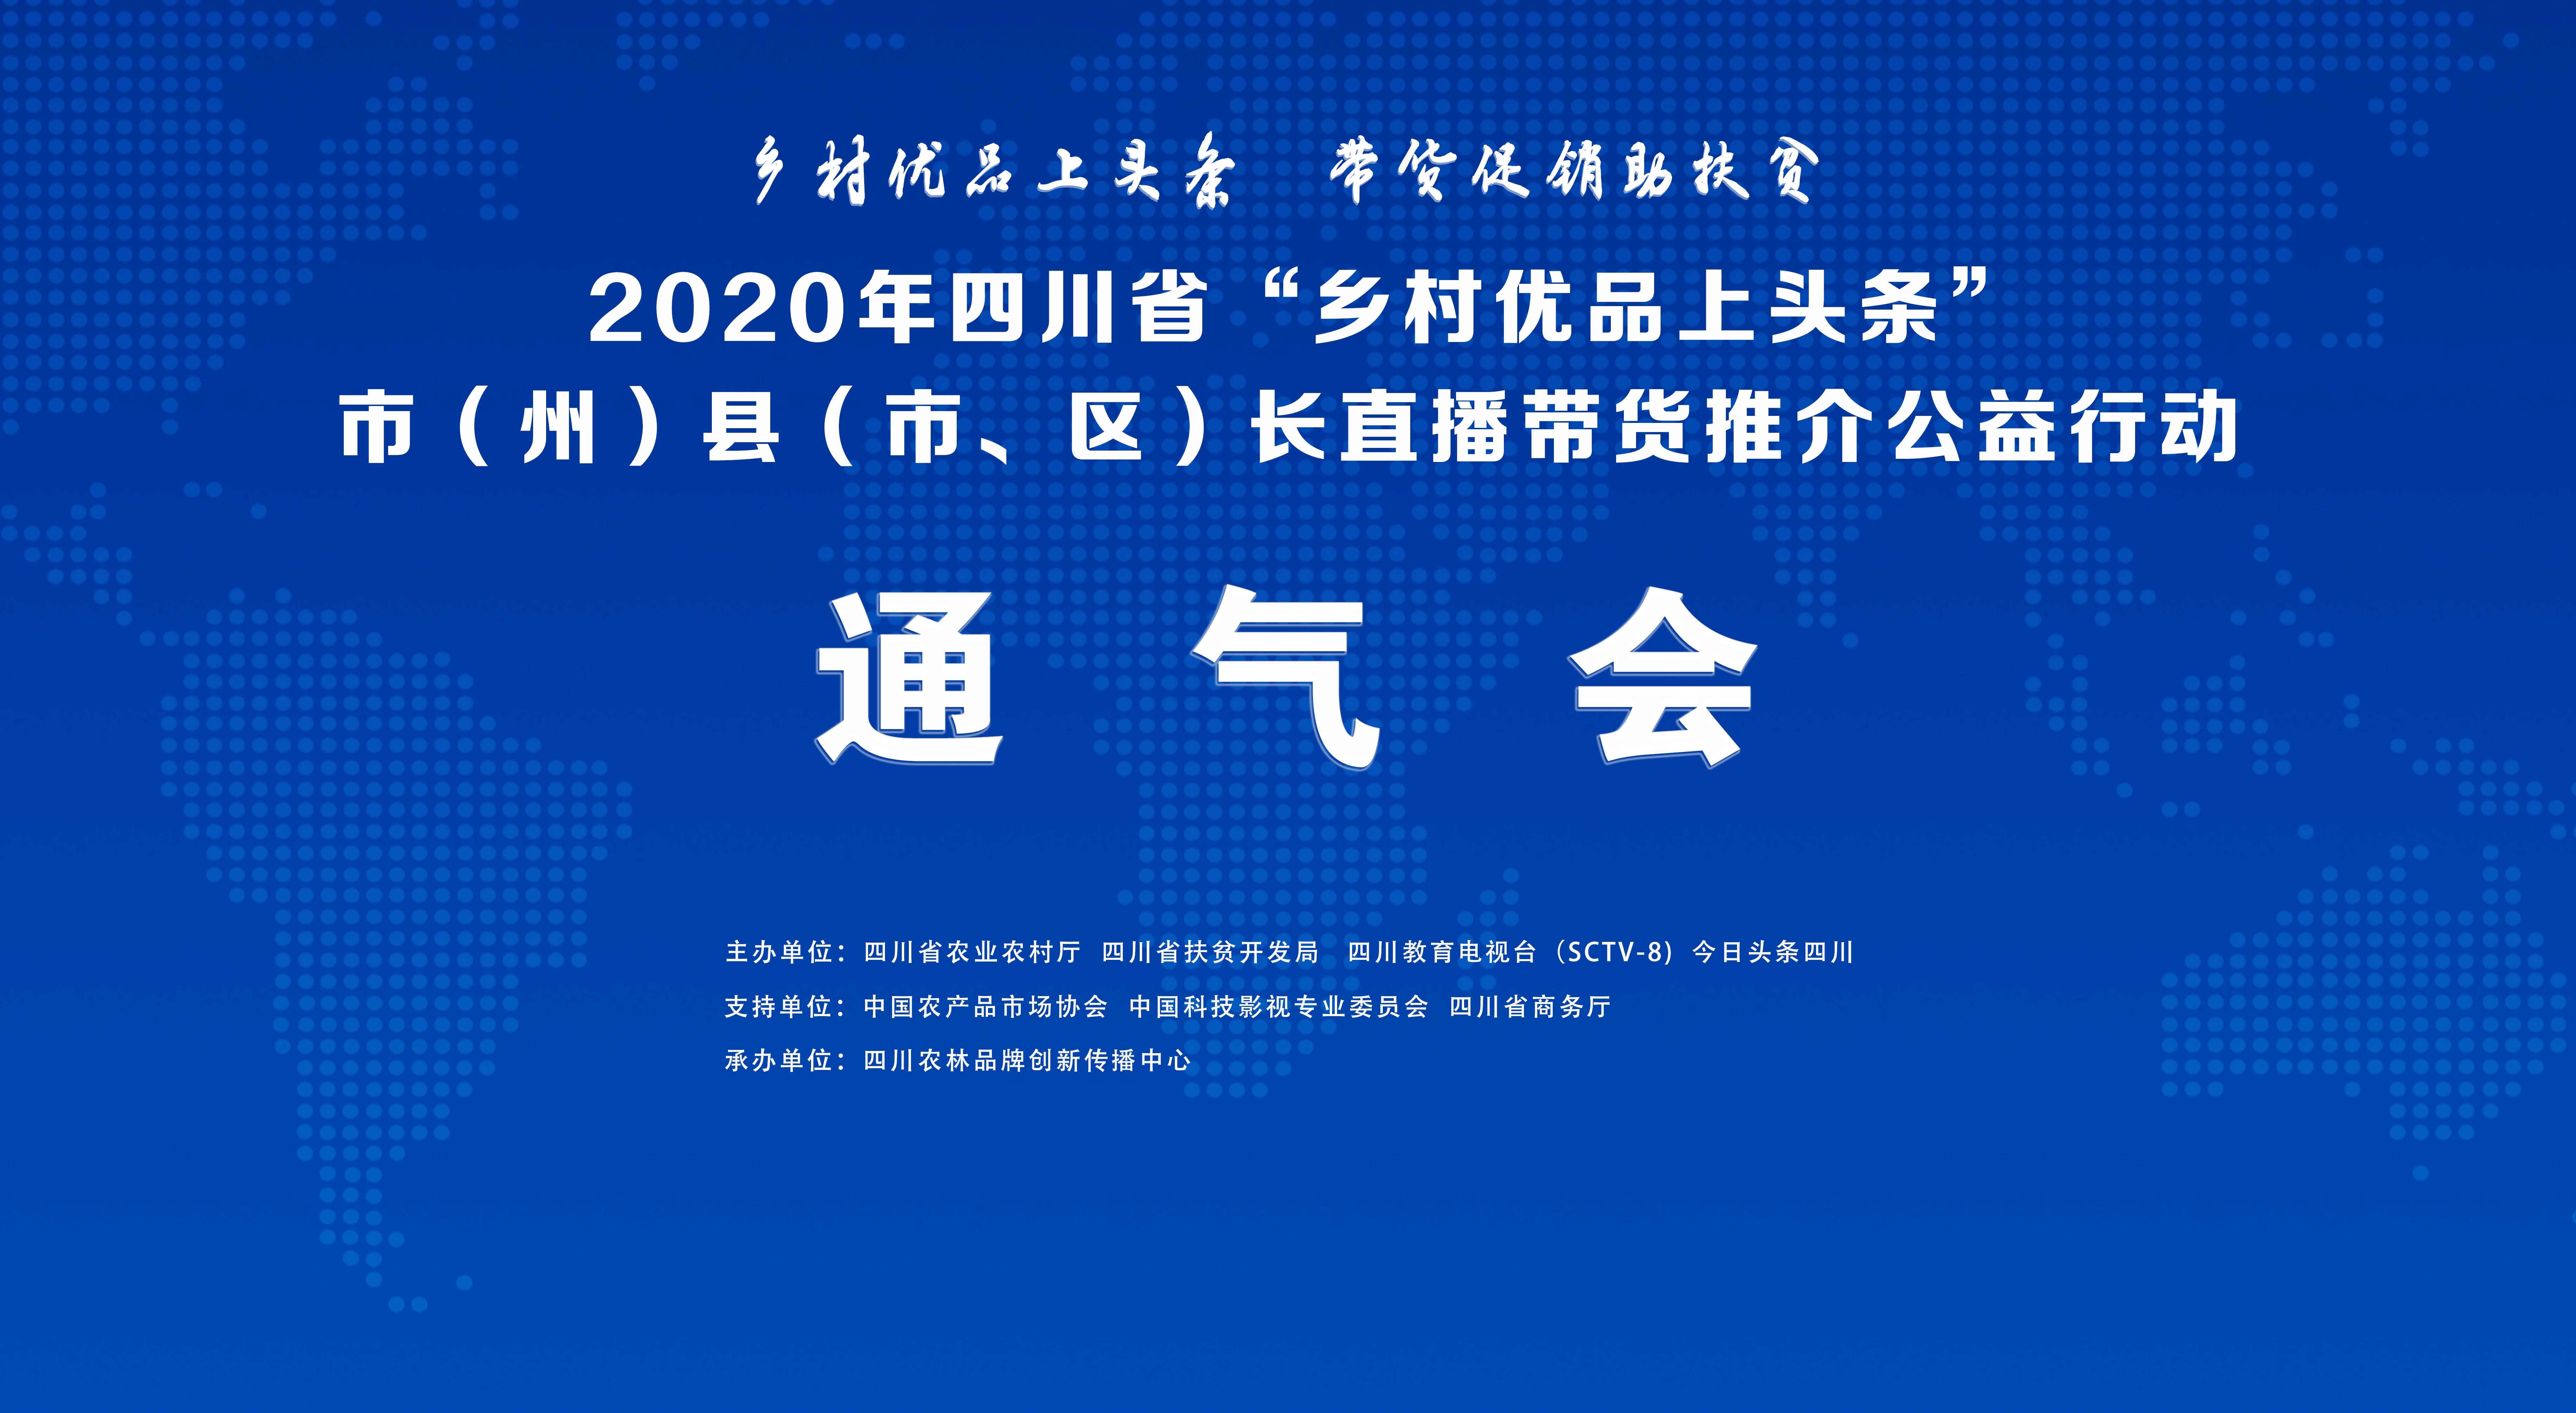 """2020年四川省""""乡村优品上头条""""市(州)县(市、区)长直播带货推介公益行动通气会"""